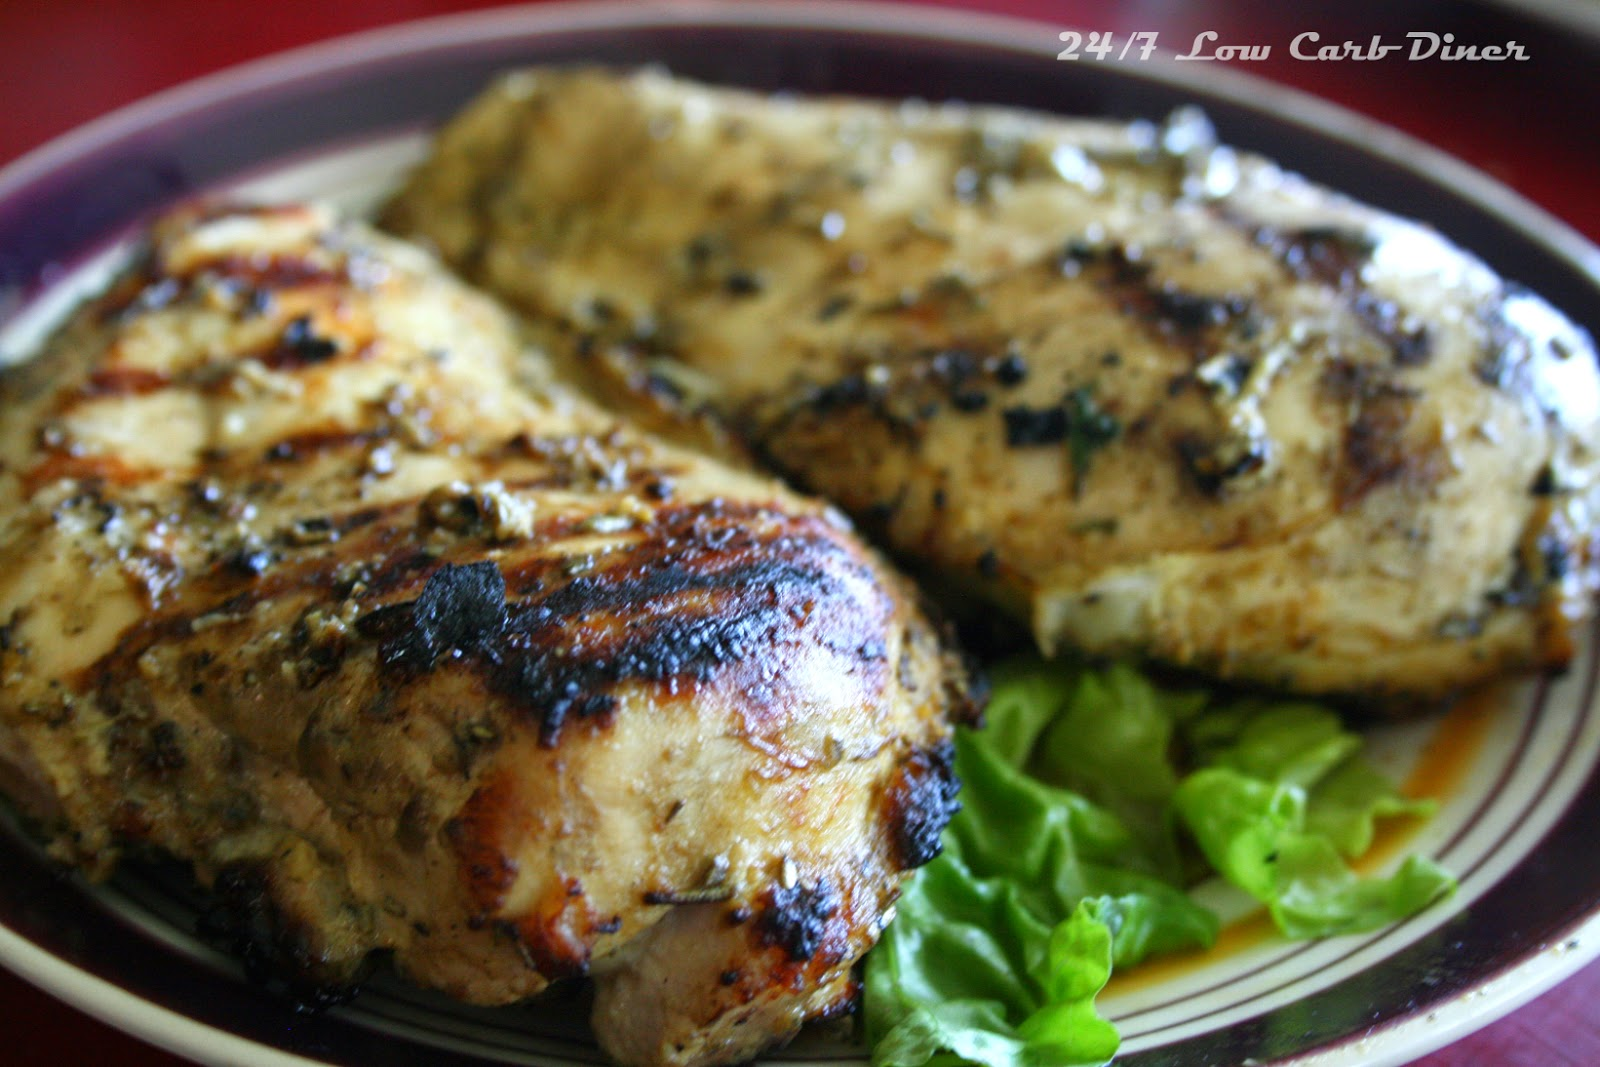 24/7 Low Carb Diner: Rosemary Garlic Mustard Chicken